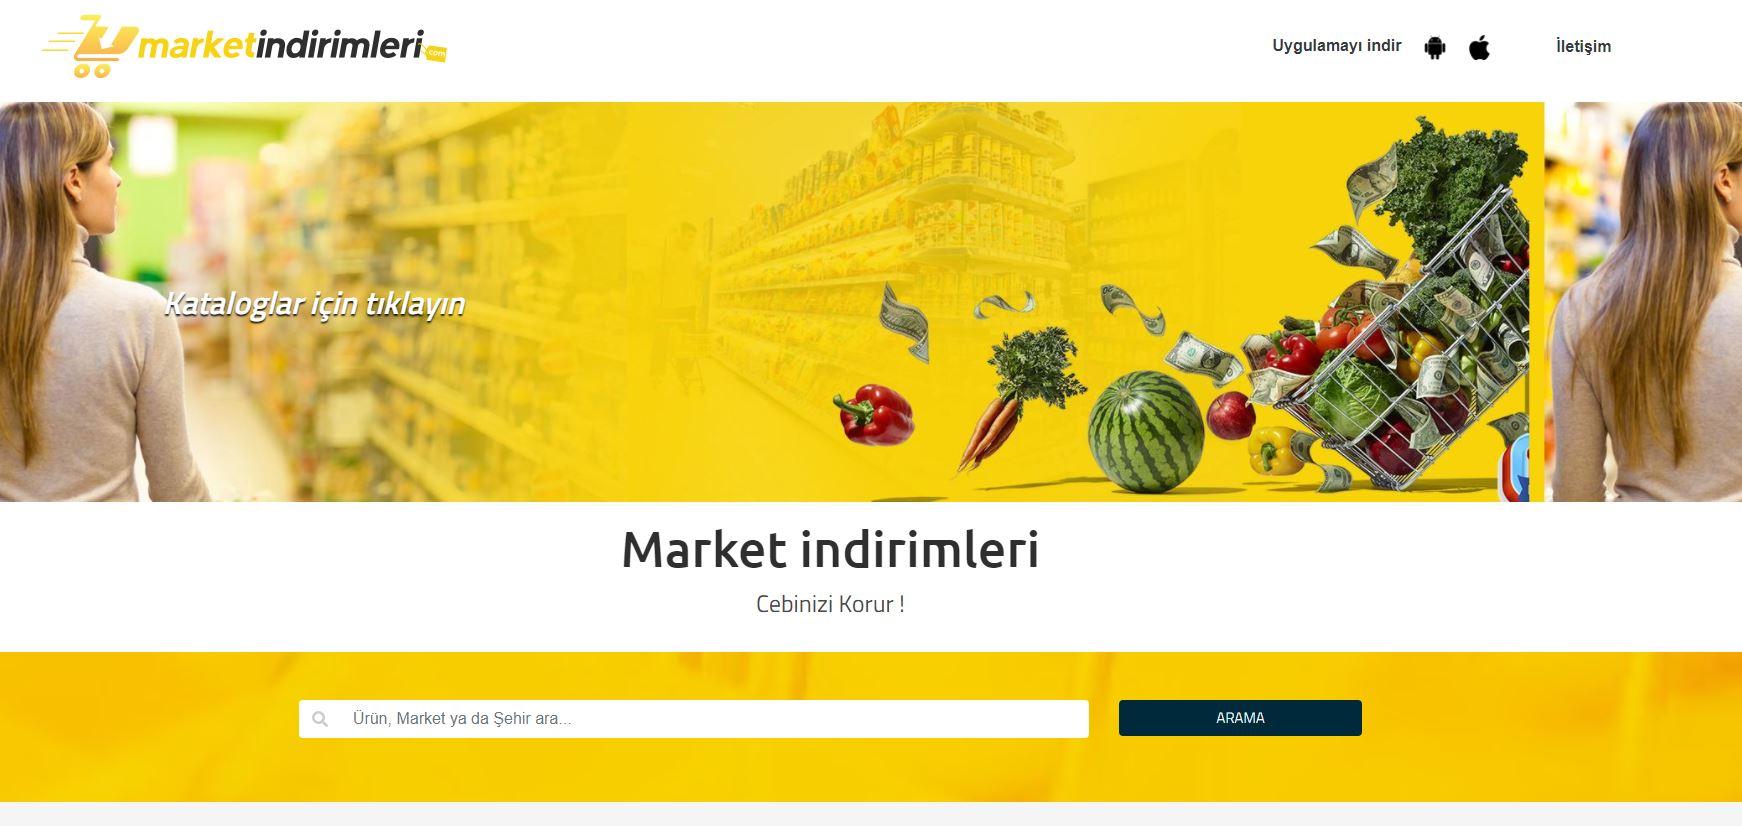 Aksiyon Ürünlere Marketindirimleri.com'dan Ulaşın